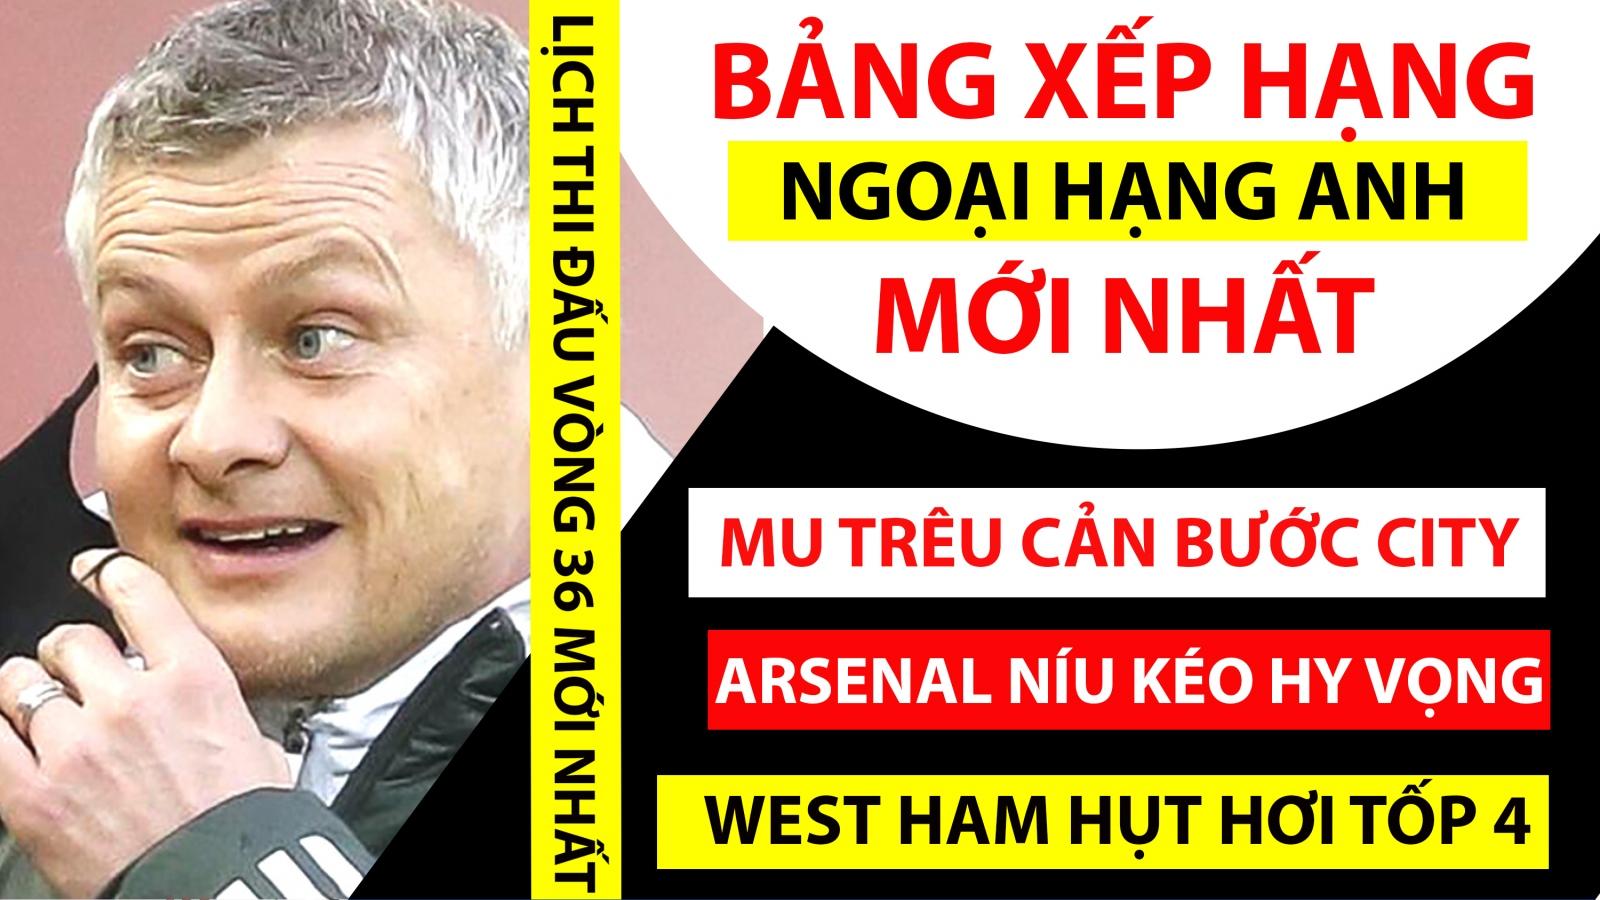 Bảng xếp hạng Ngoại hạng Anh mới nhất: MU cản bước Man City, Chelsea vững tốp 3